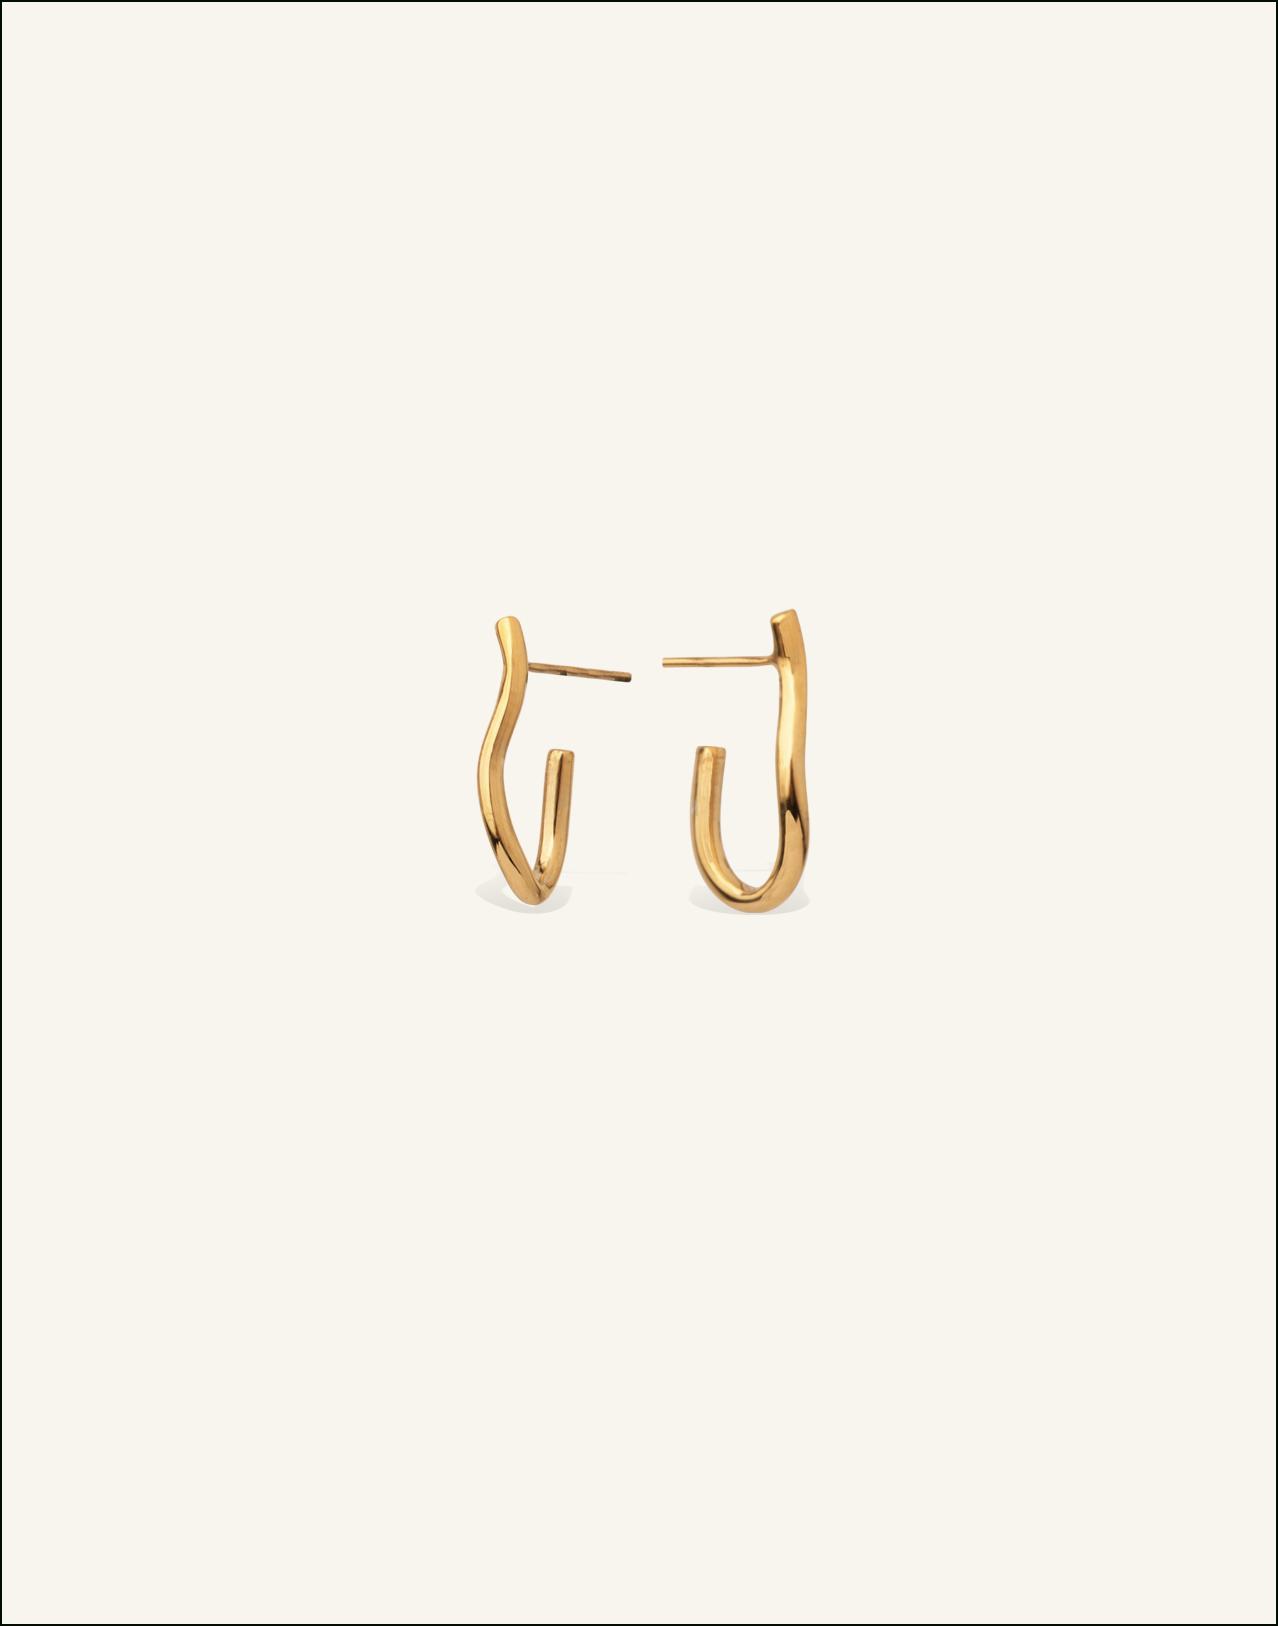 Completedworks-Earrings-Riot-II-3-1.jpg